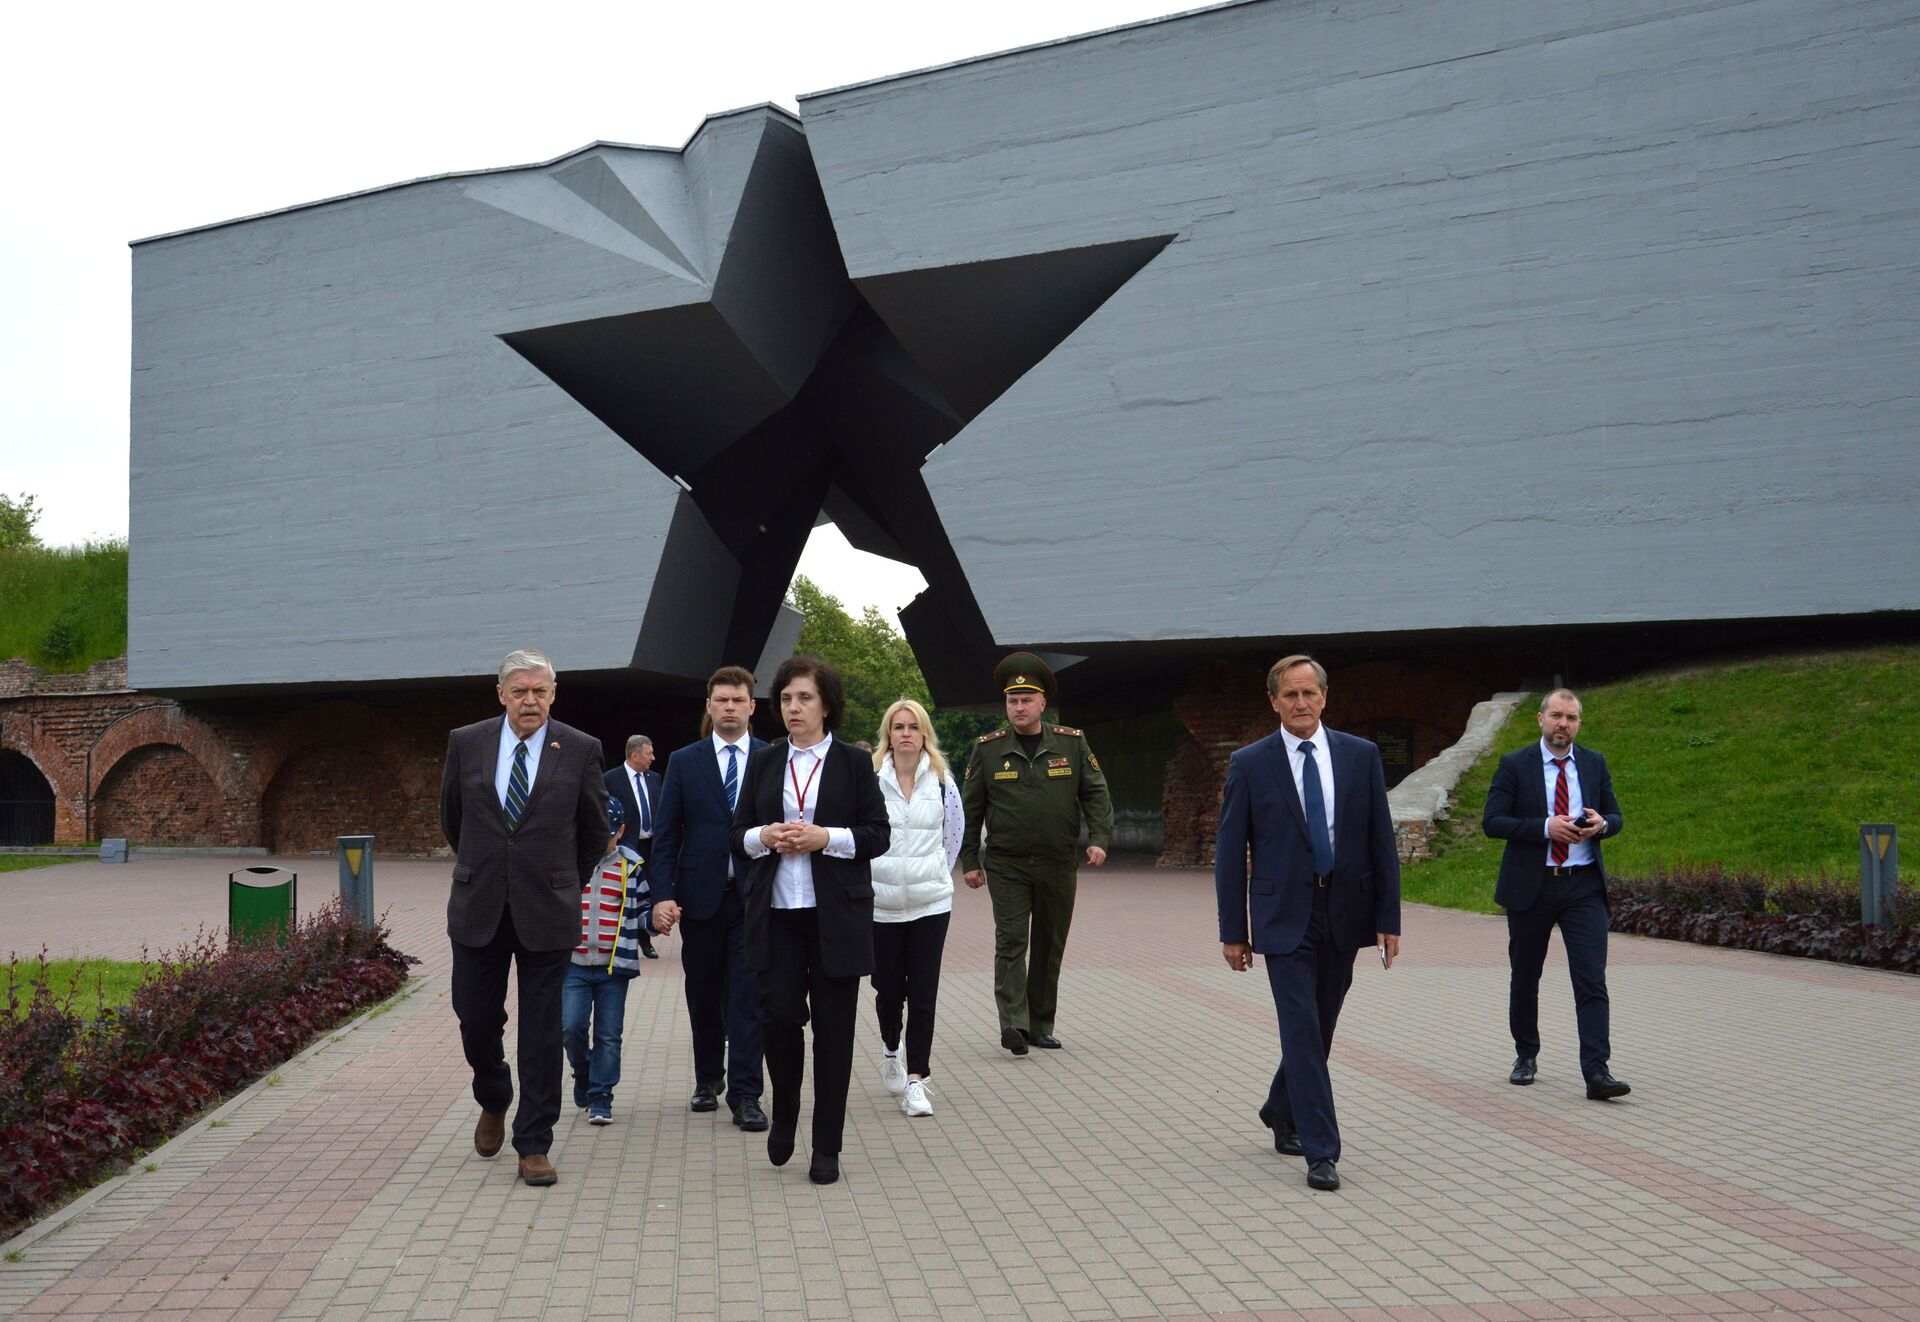 Визит российского дипломата в Брест начался ранним утром с посещения Брестской крепости - Sputnik Беларусь, 1920, 29.06.2021